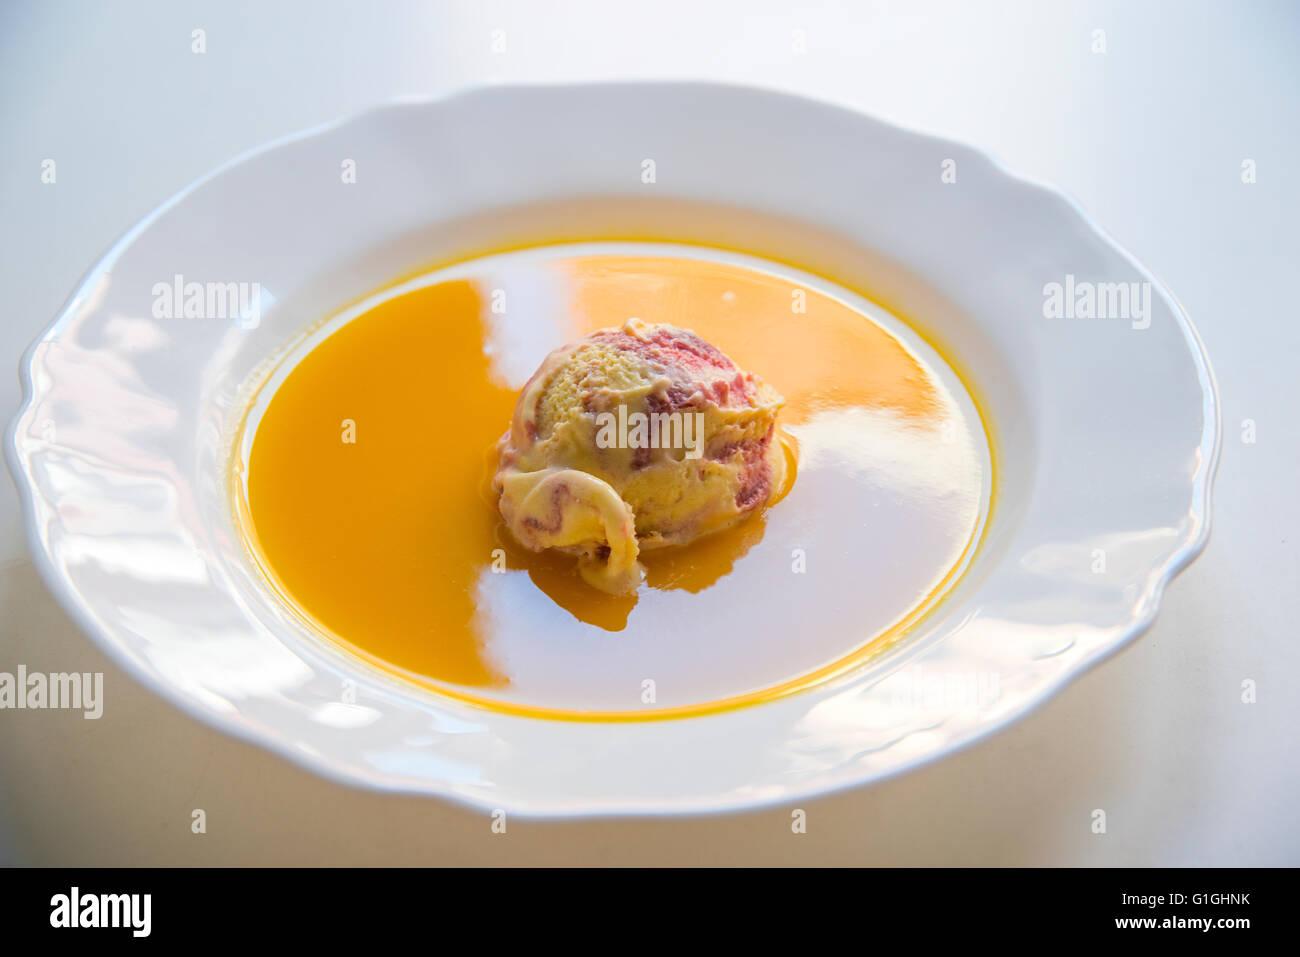 Mango and raspberry ice cream in mango soup. - Stock Image